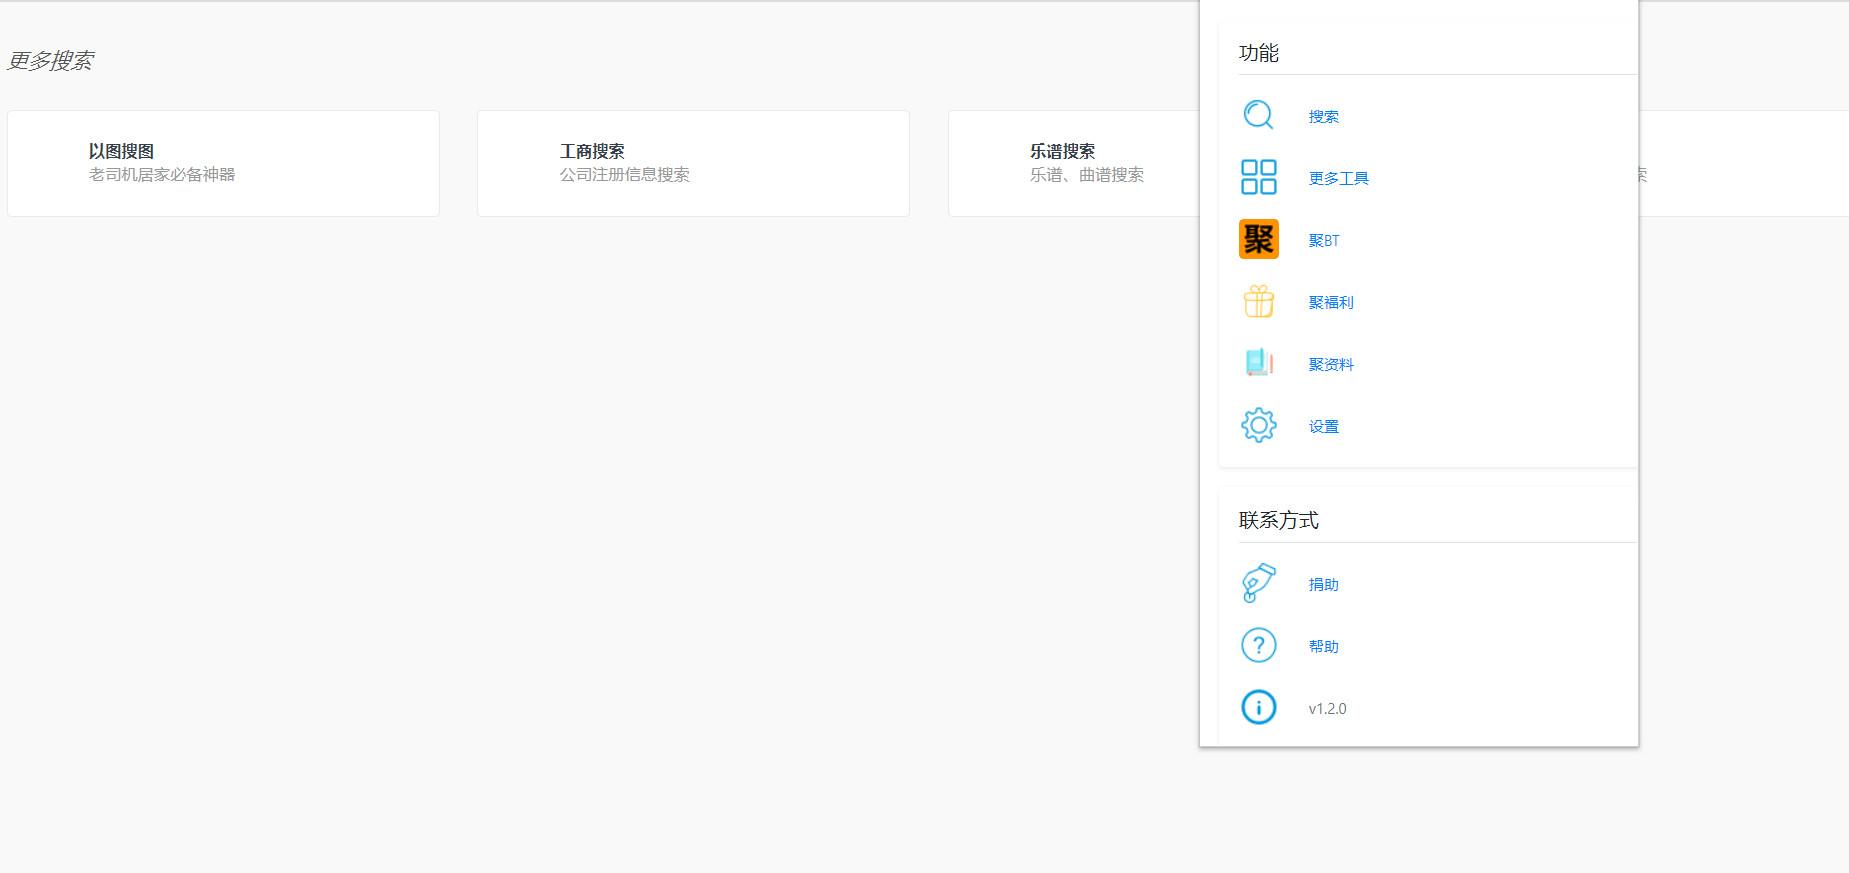 聚BT浏览器扩展v1.2.0版发布,新增以图找图、工商信息/曲谱/台词搜索